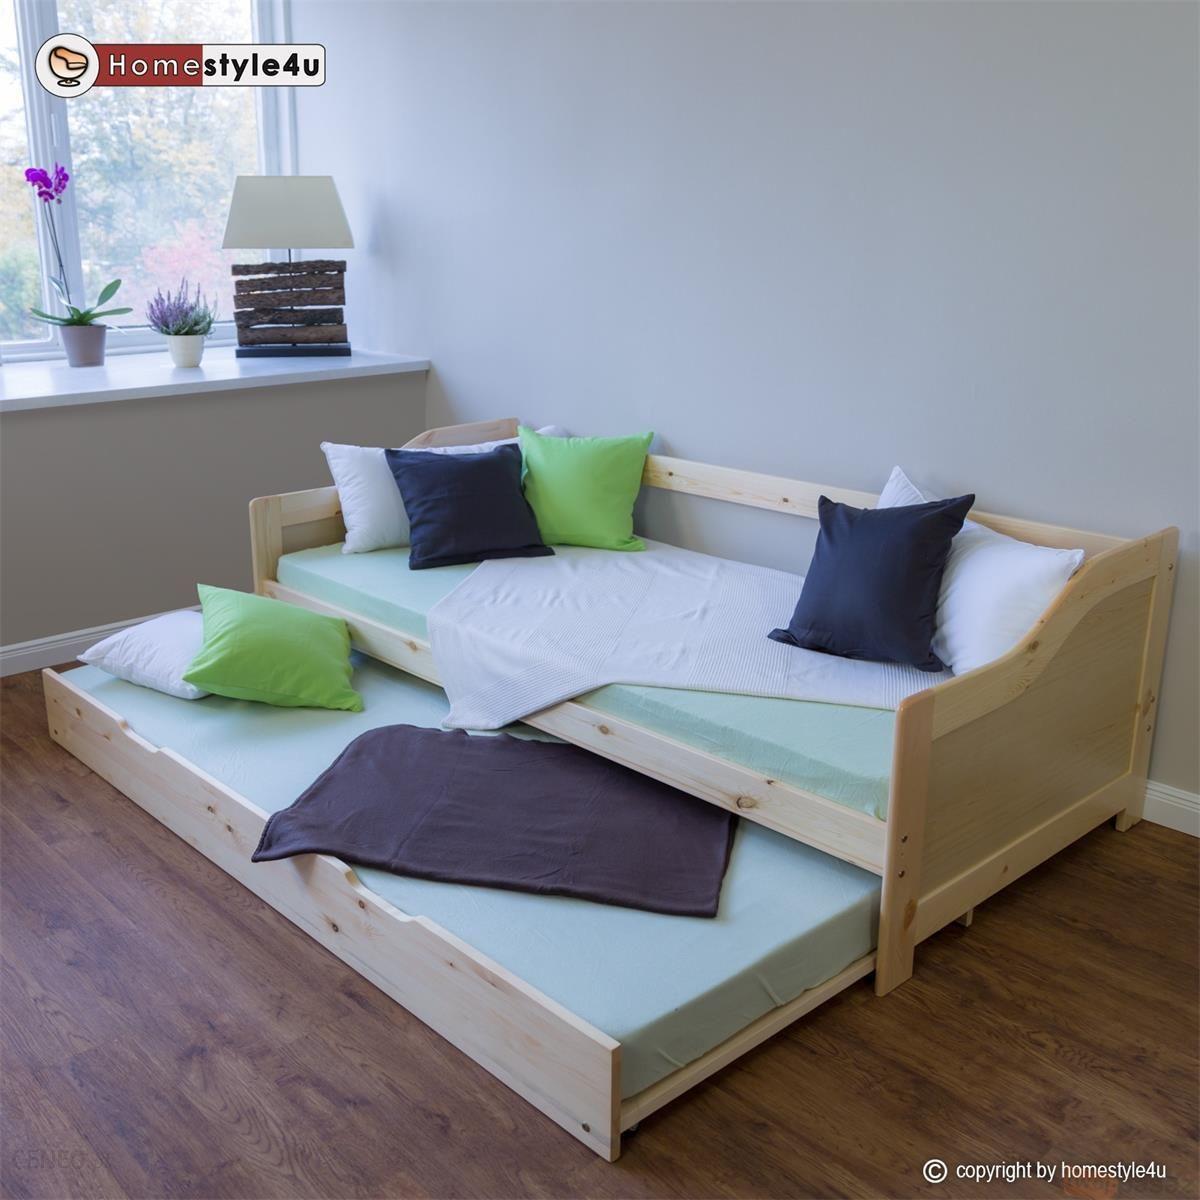 Homestyle4u łóżko Młodzieżowe Dziecięce Rozkładane 90x200 Kolor Naturalnego Drewna Hsu1421